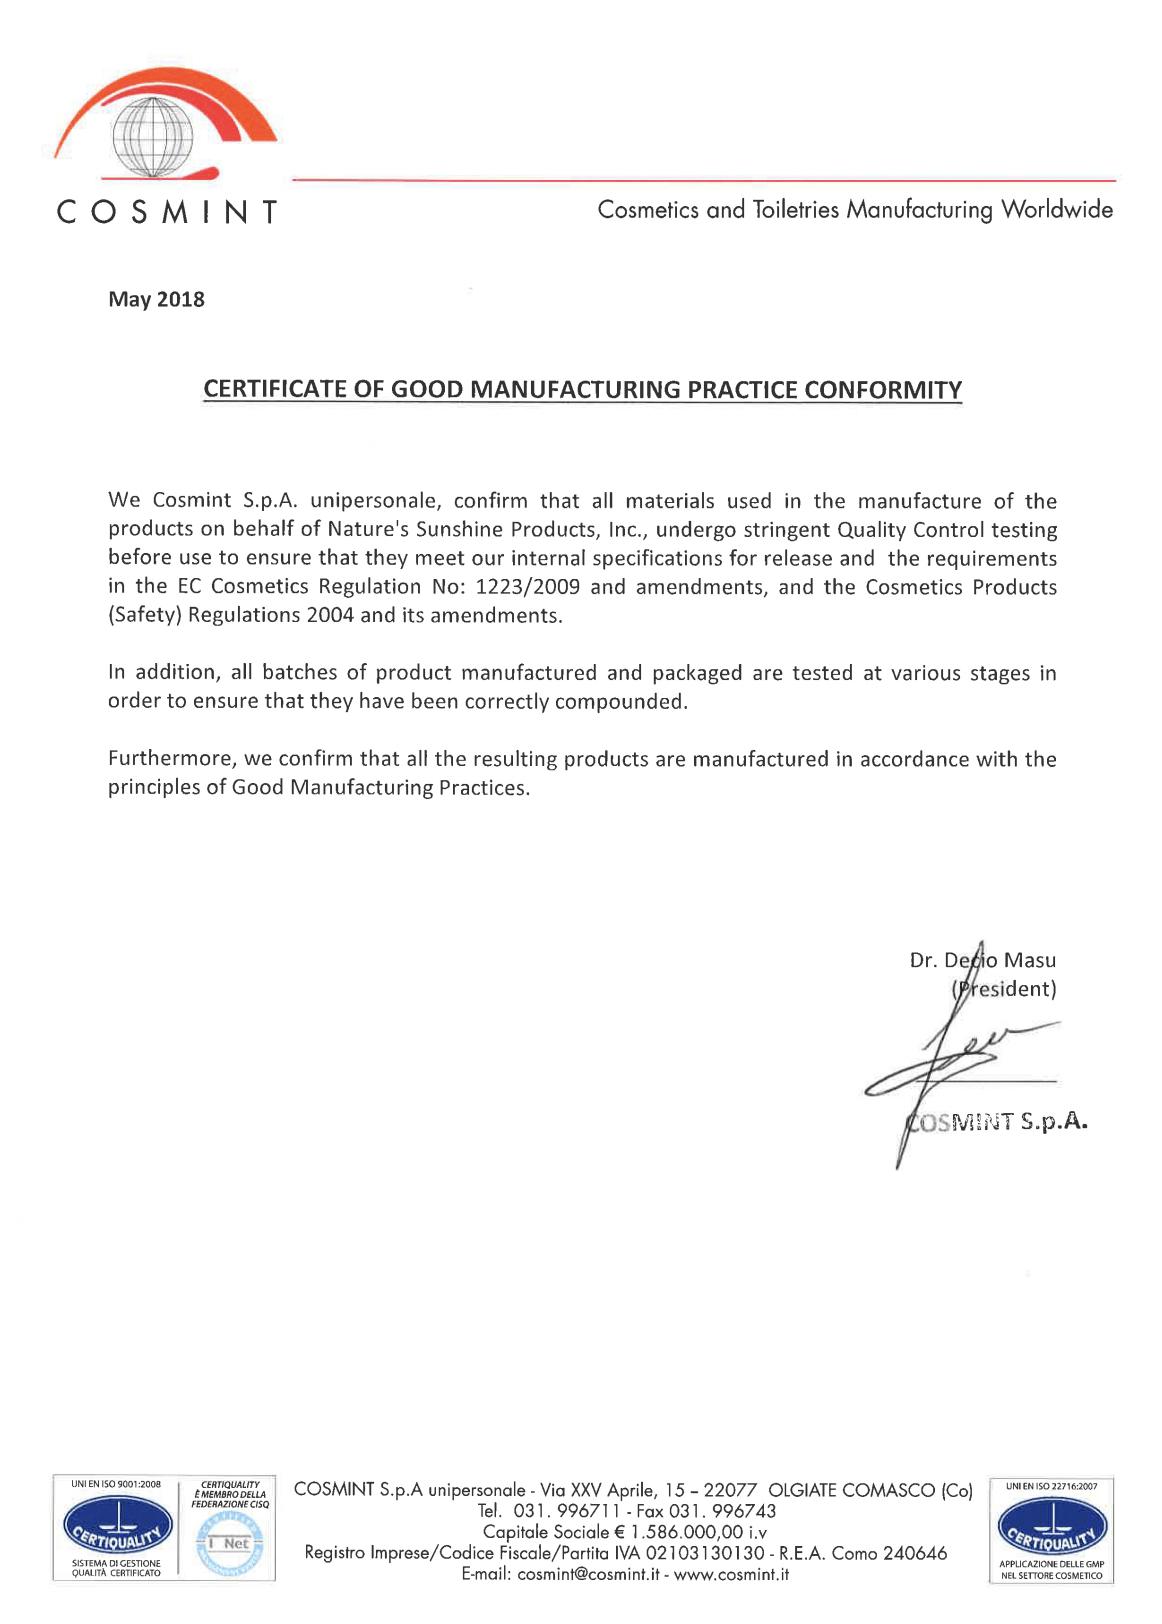 Сертификат соответствия стандартам надлежащей производственной практики